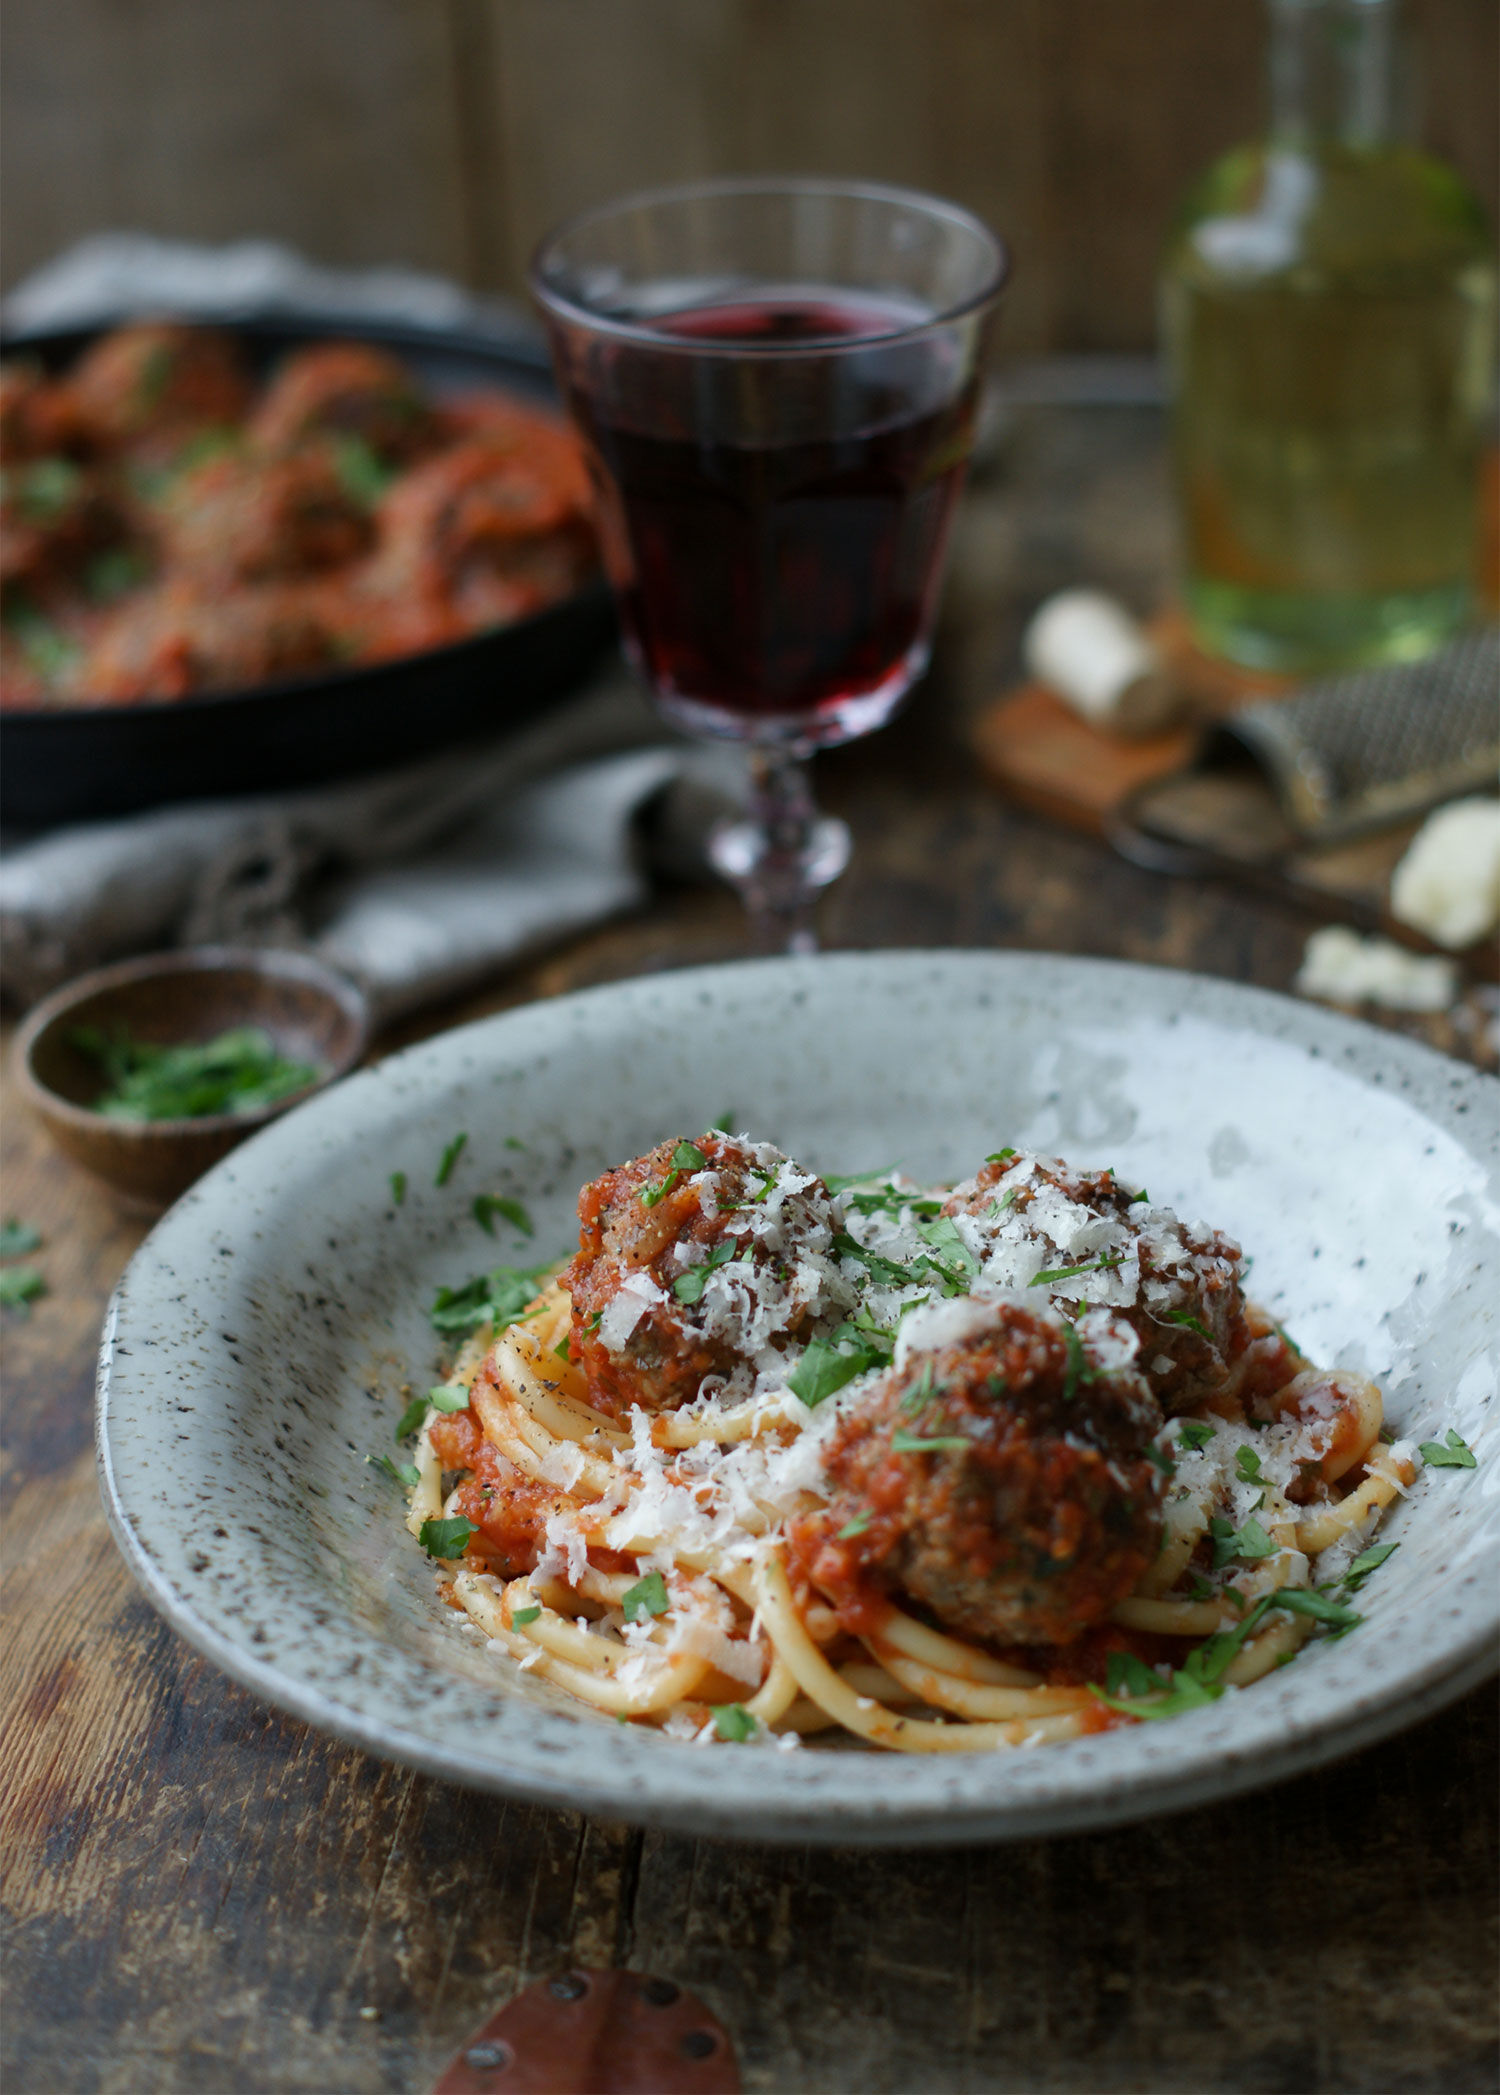 Spaghetti på gaffel med italienska köttbullar i tomatsås uppdukat på ett bord